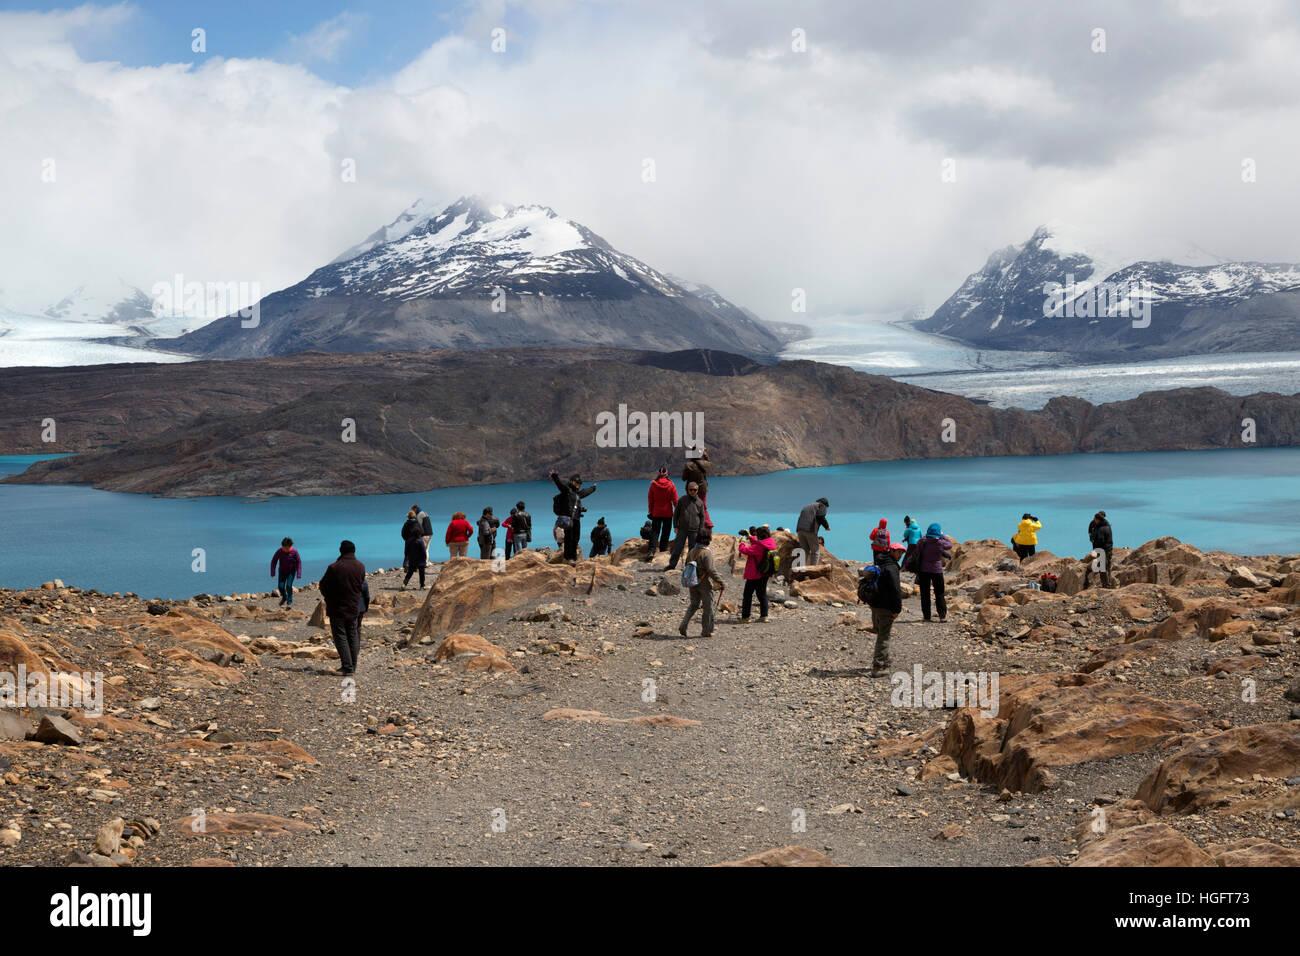 Touristen anzeigen upsala Gletscher am Lago Argentino, El Calafate, Parque Nacional Los Glaciares, Patagonien, Argentinien Stockbild